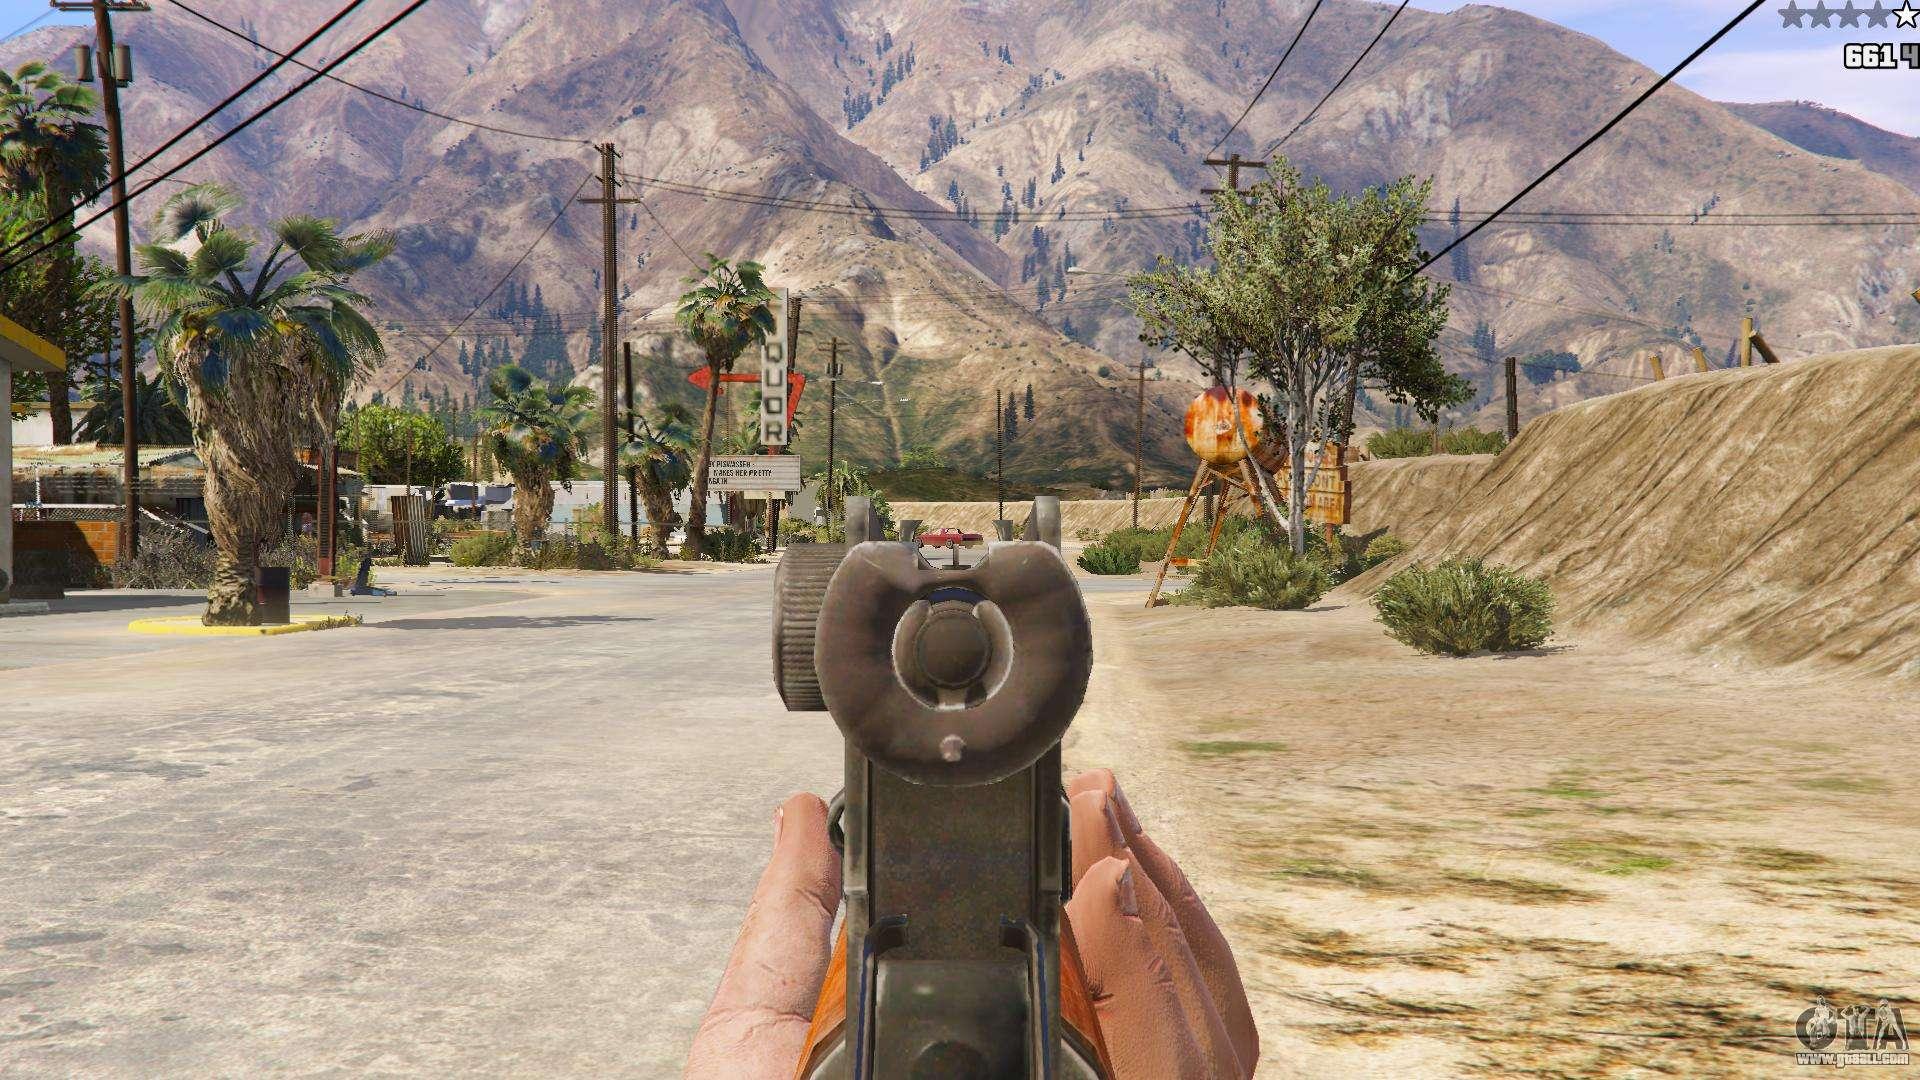 OTS-14 Groza from Battlefield 4 for GTA 5